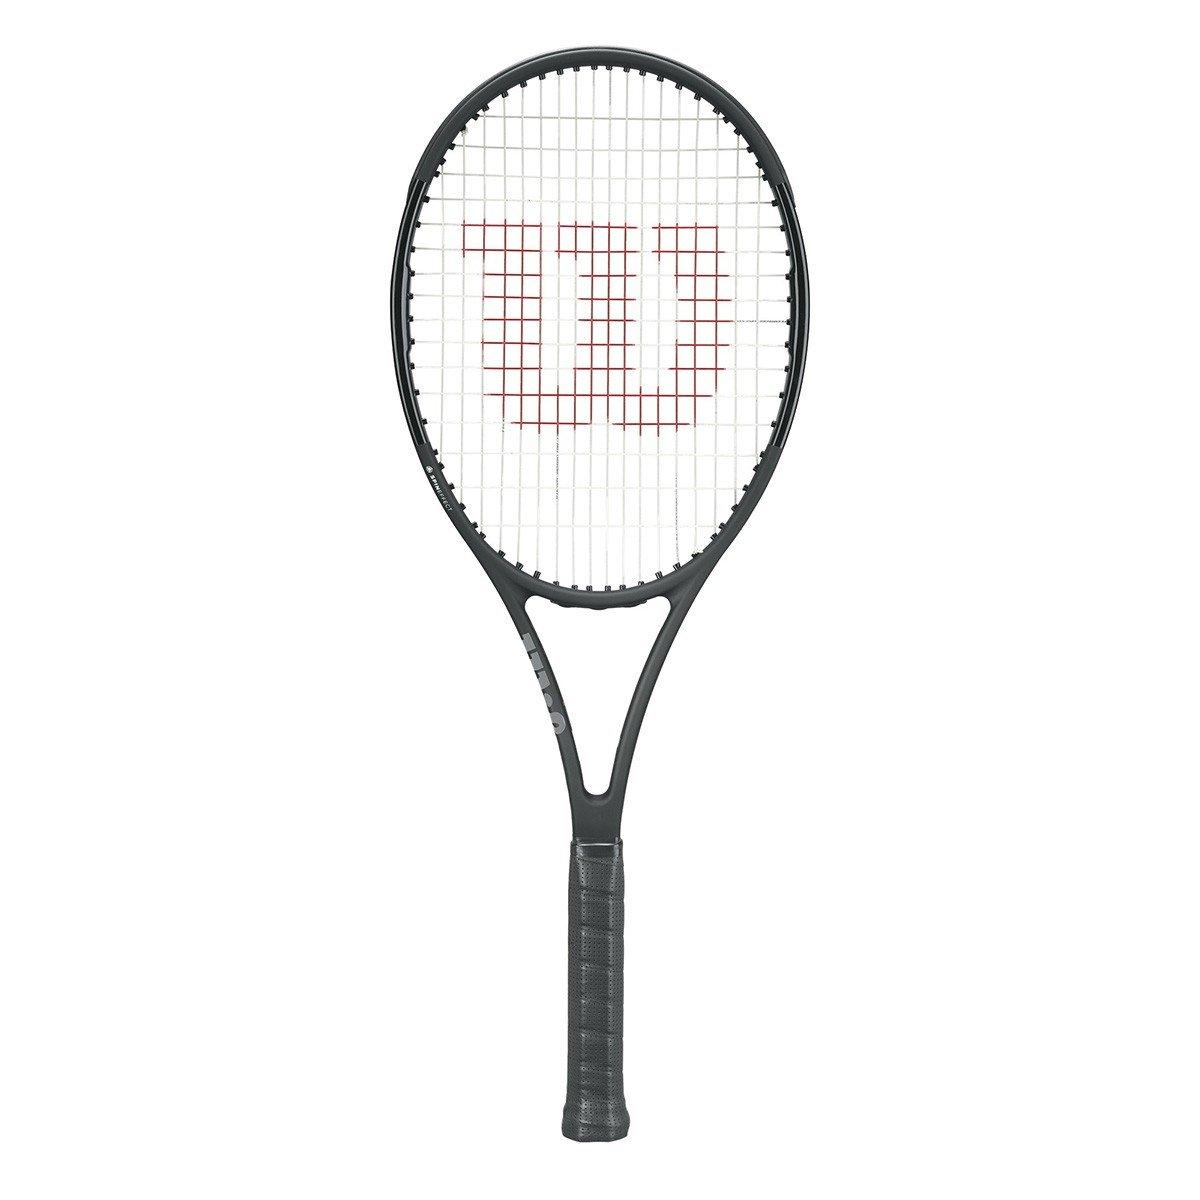 ウィルソン ウィルソン プロスタッフ Wilson Pro Staff 97LSテニスラケット G0 G0 Wilson B01L9GX2P8, ゴジョウメマチ:7c375c79 --- cgt-tbc.fr